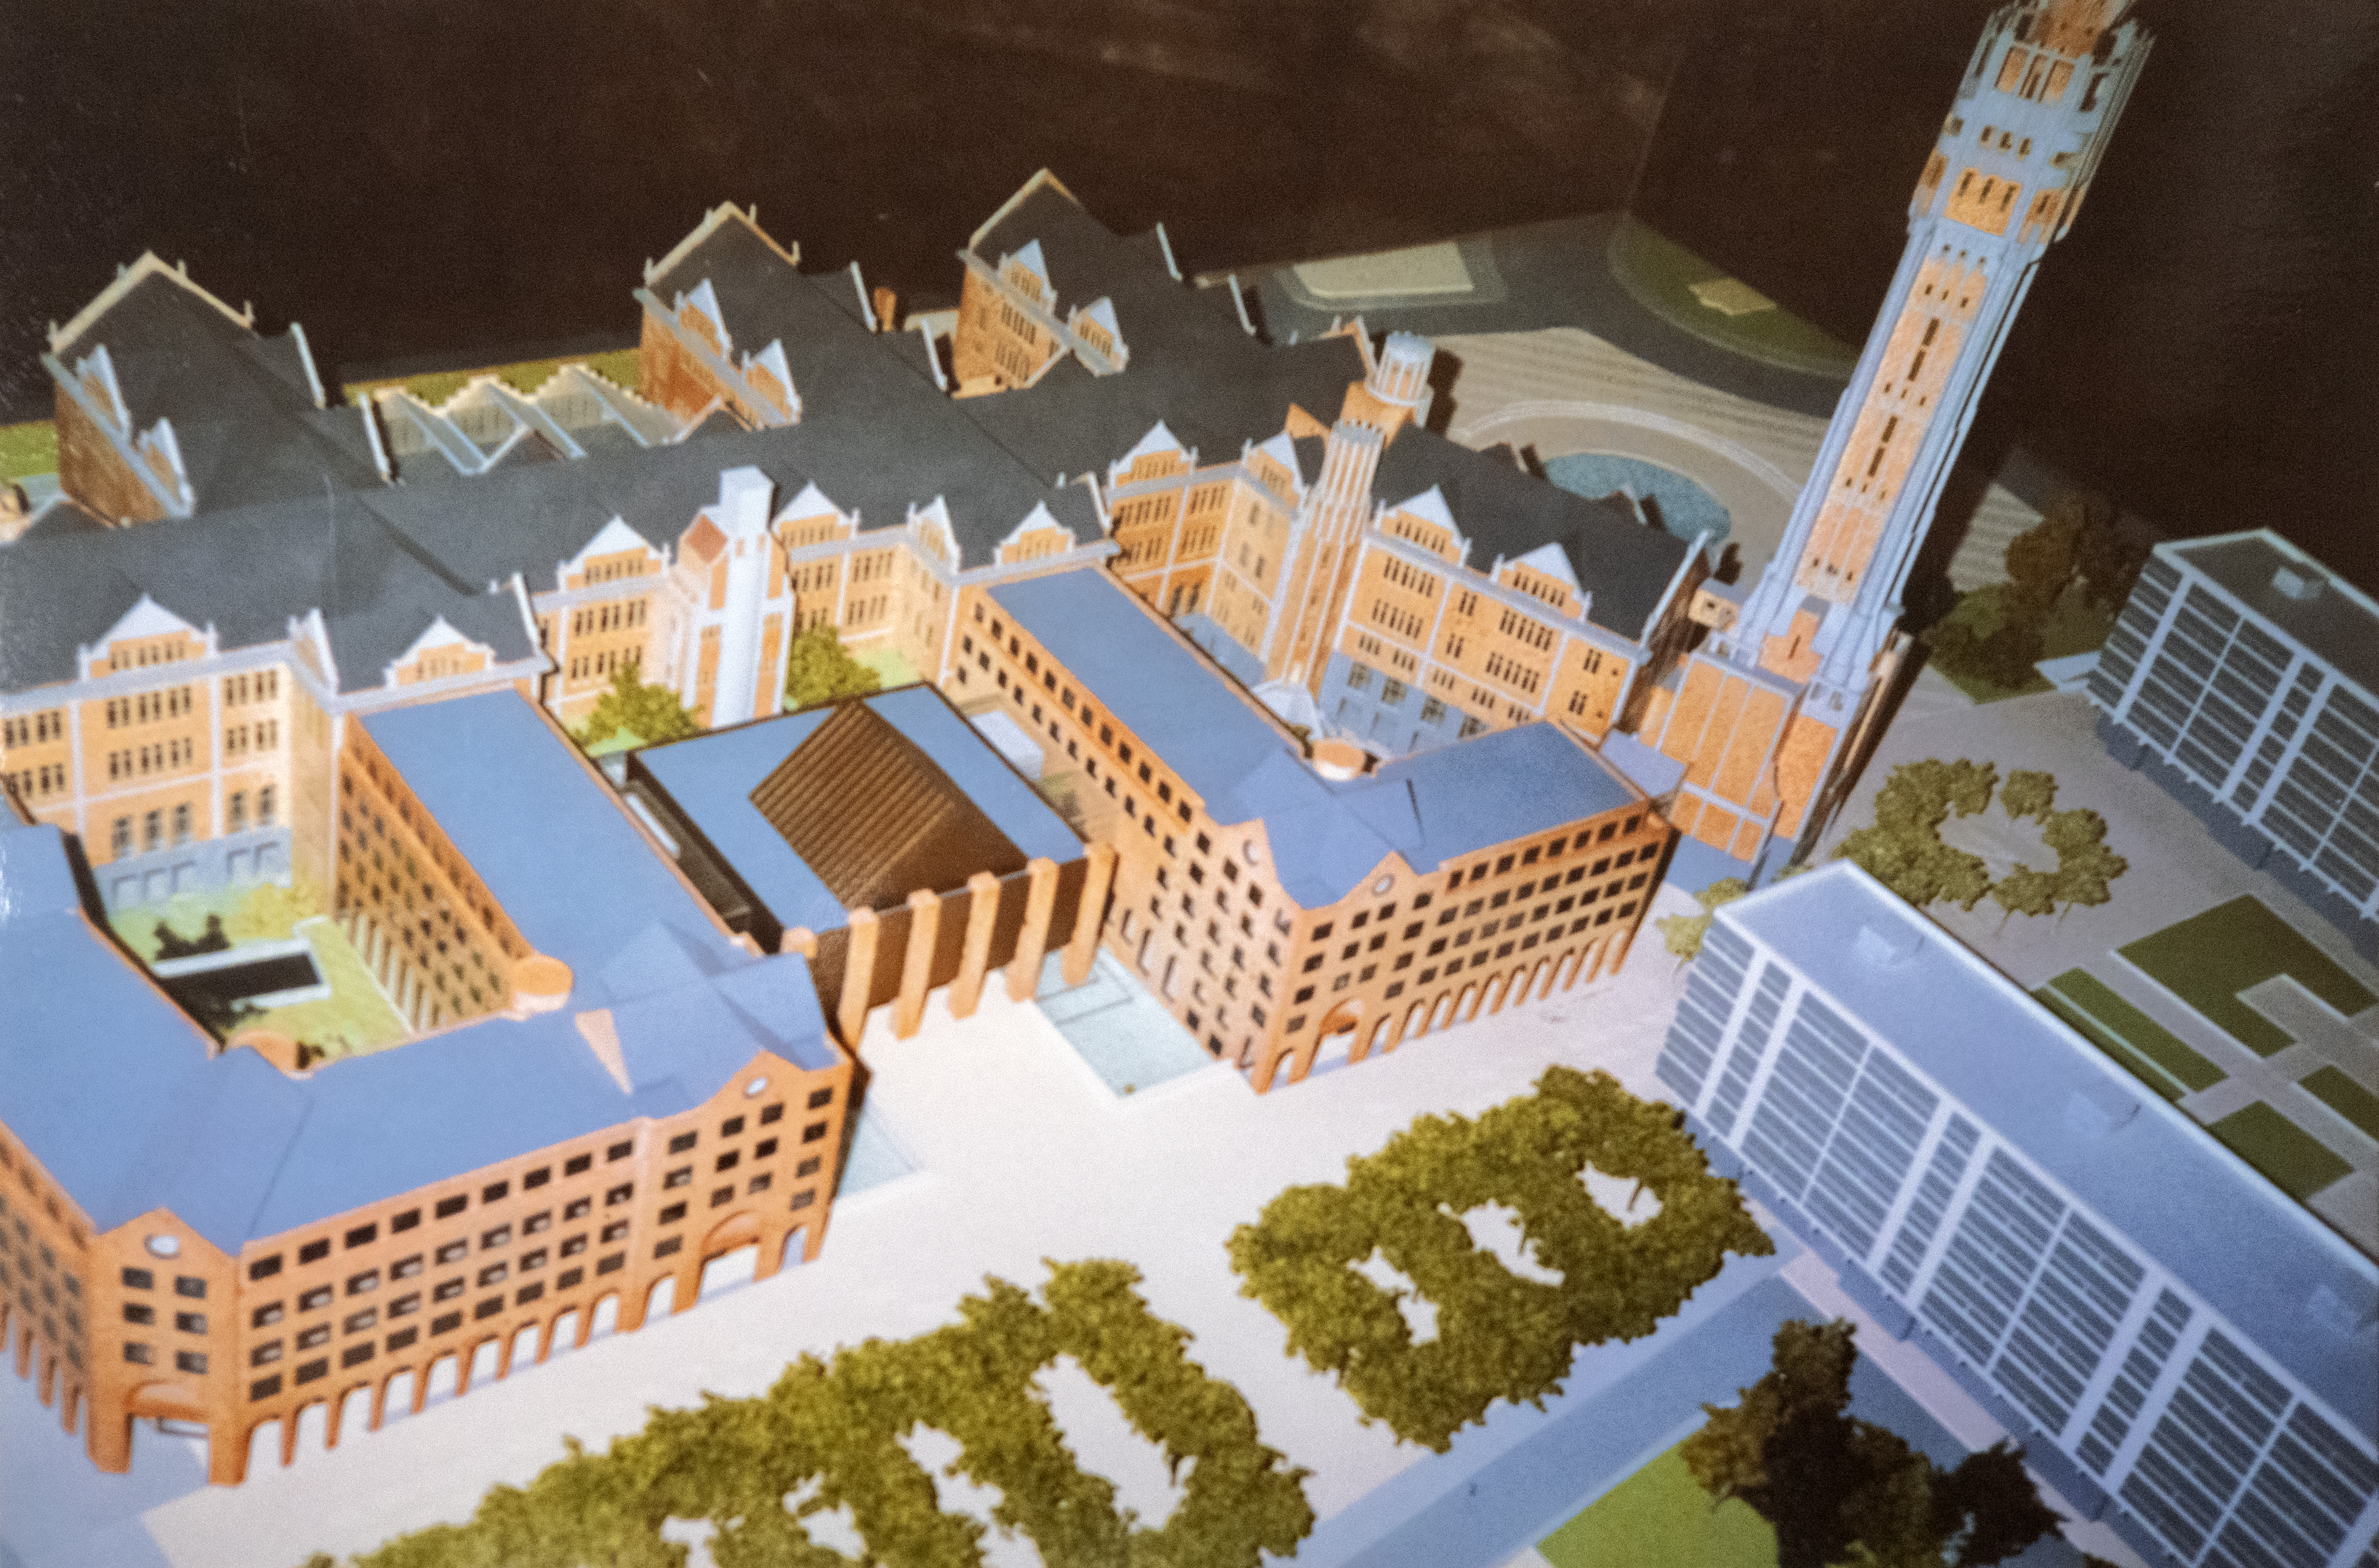 Design urbain - Modèle réduit